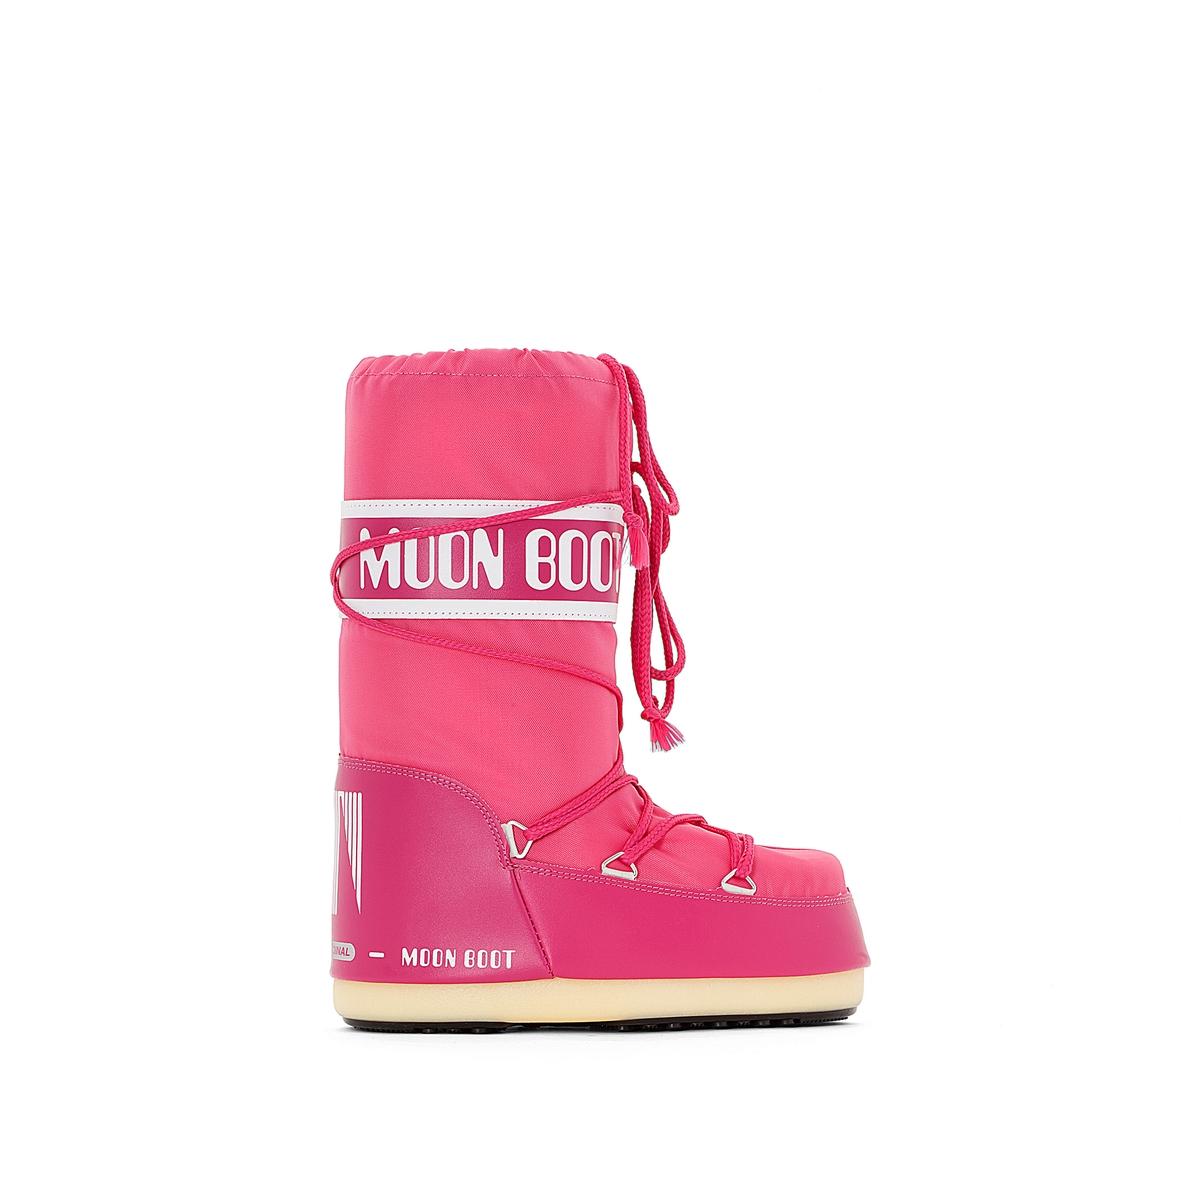 Сапоги на меху NYLON moon boot лыжная одежда